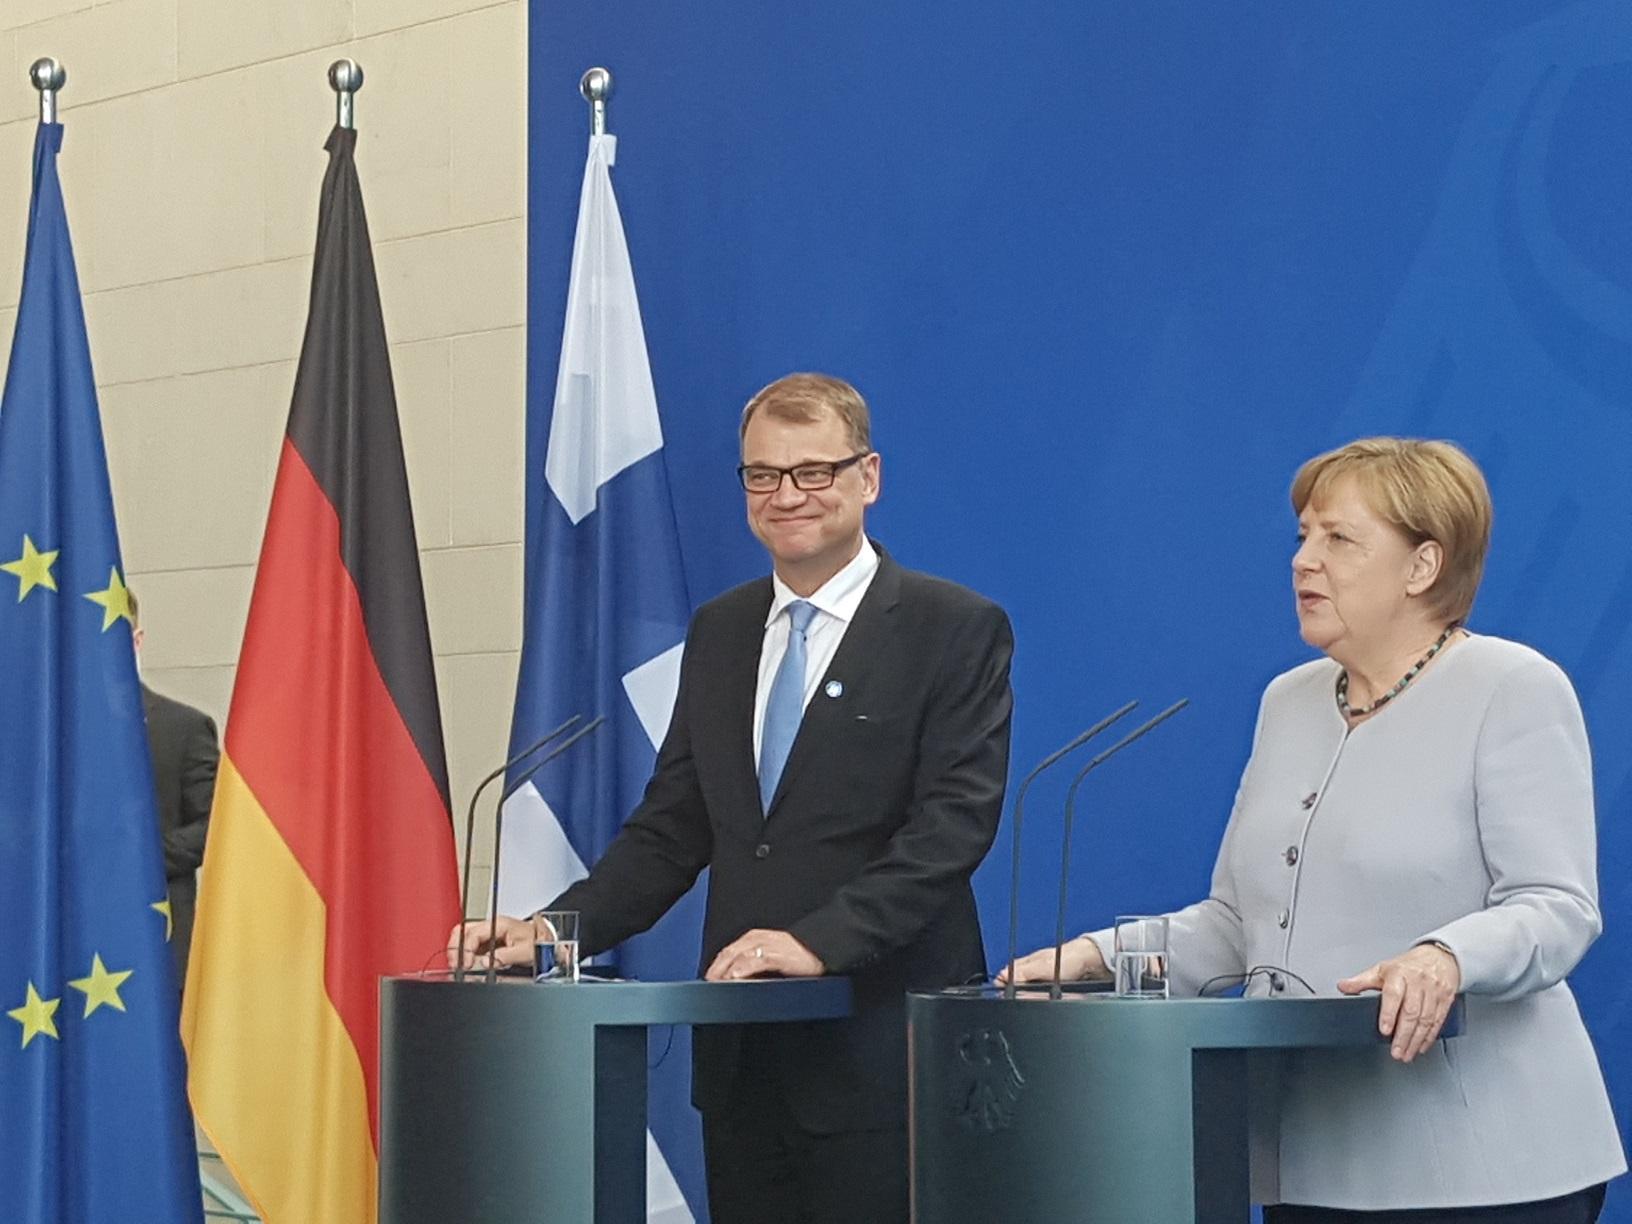 Juha Sipilä und Angela Merkel